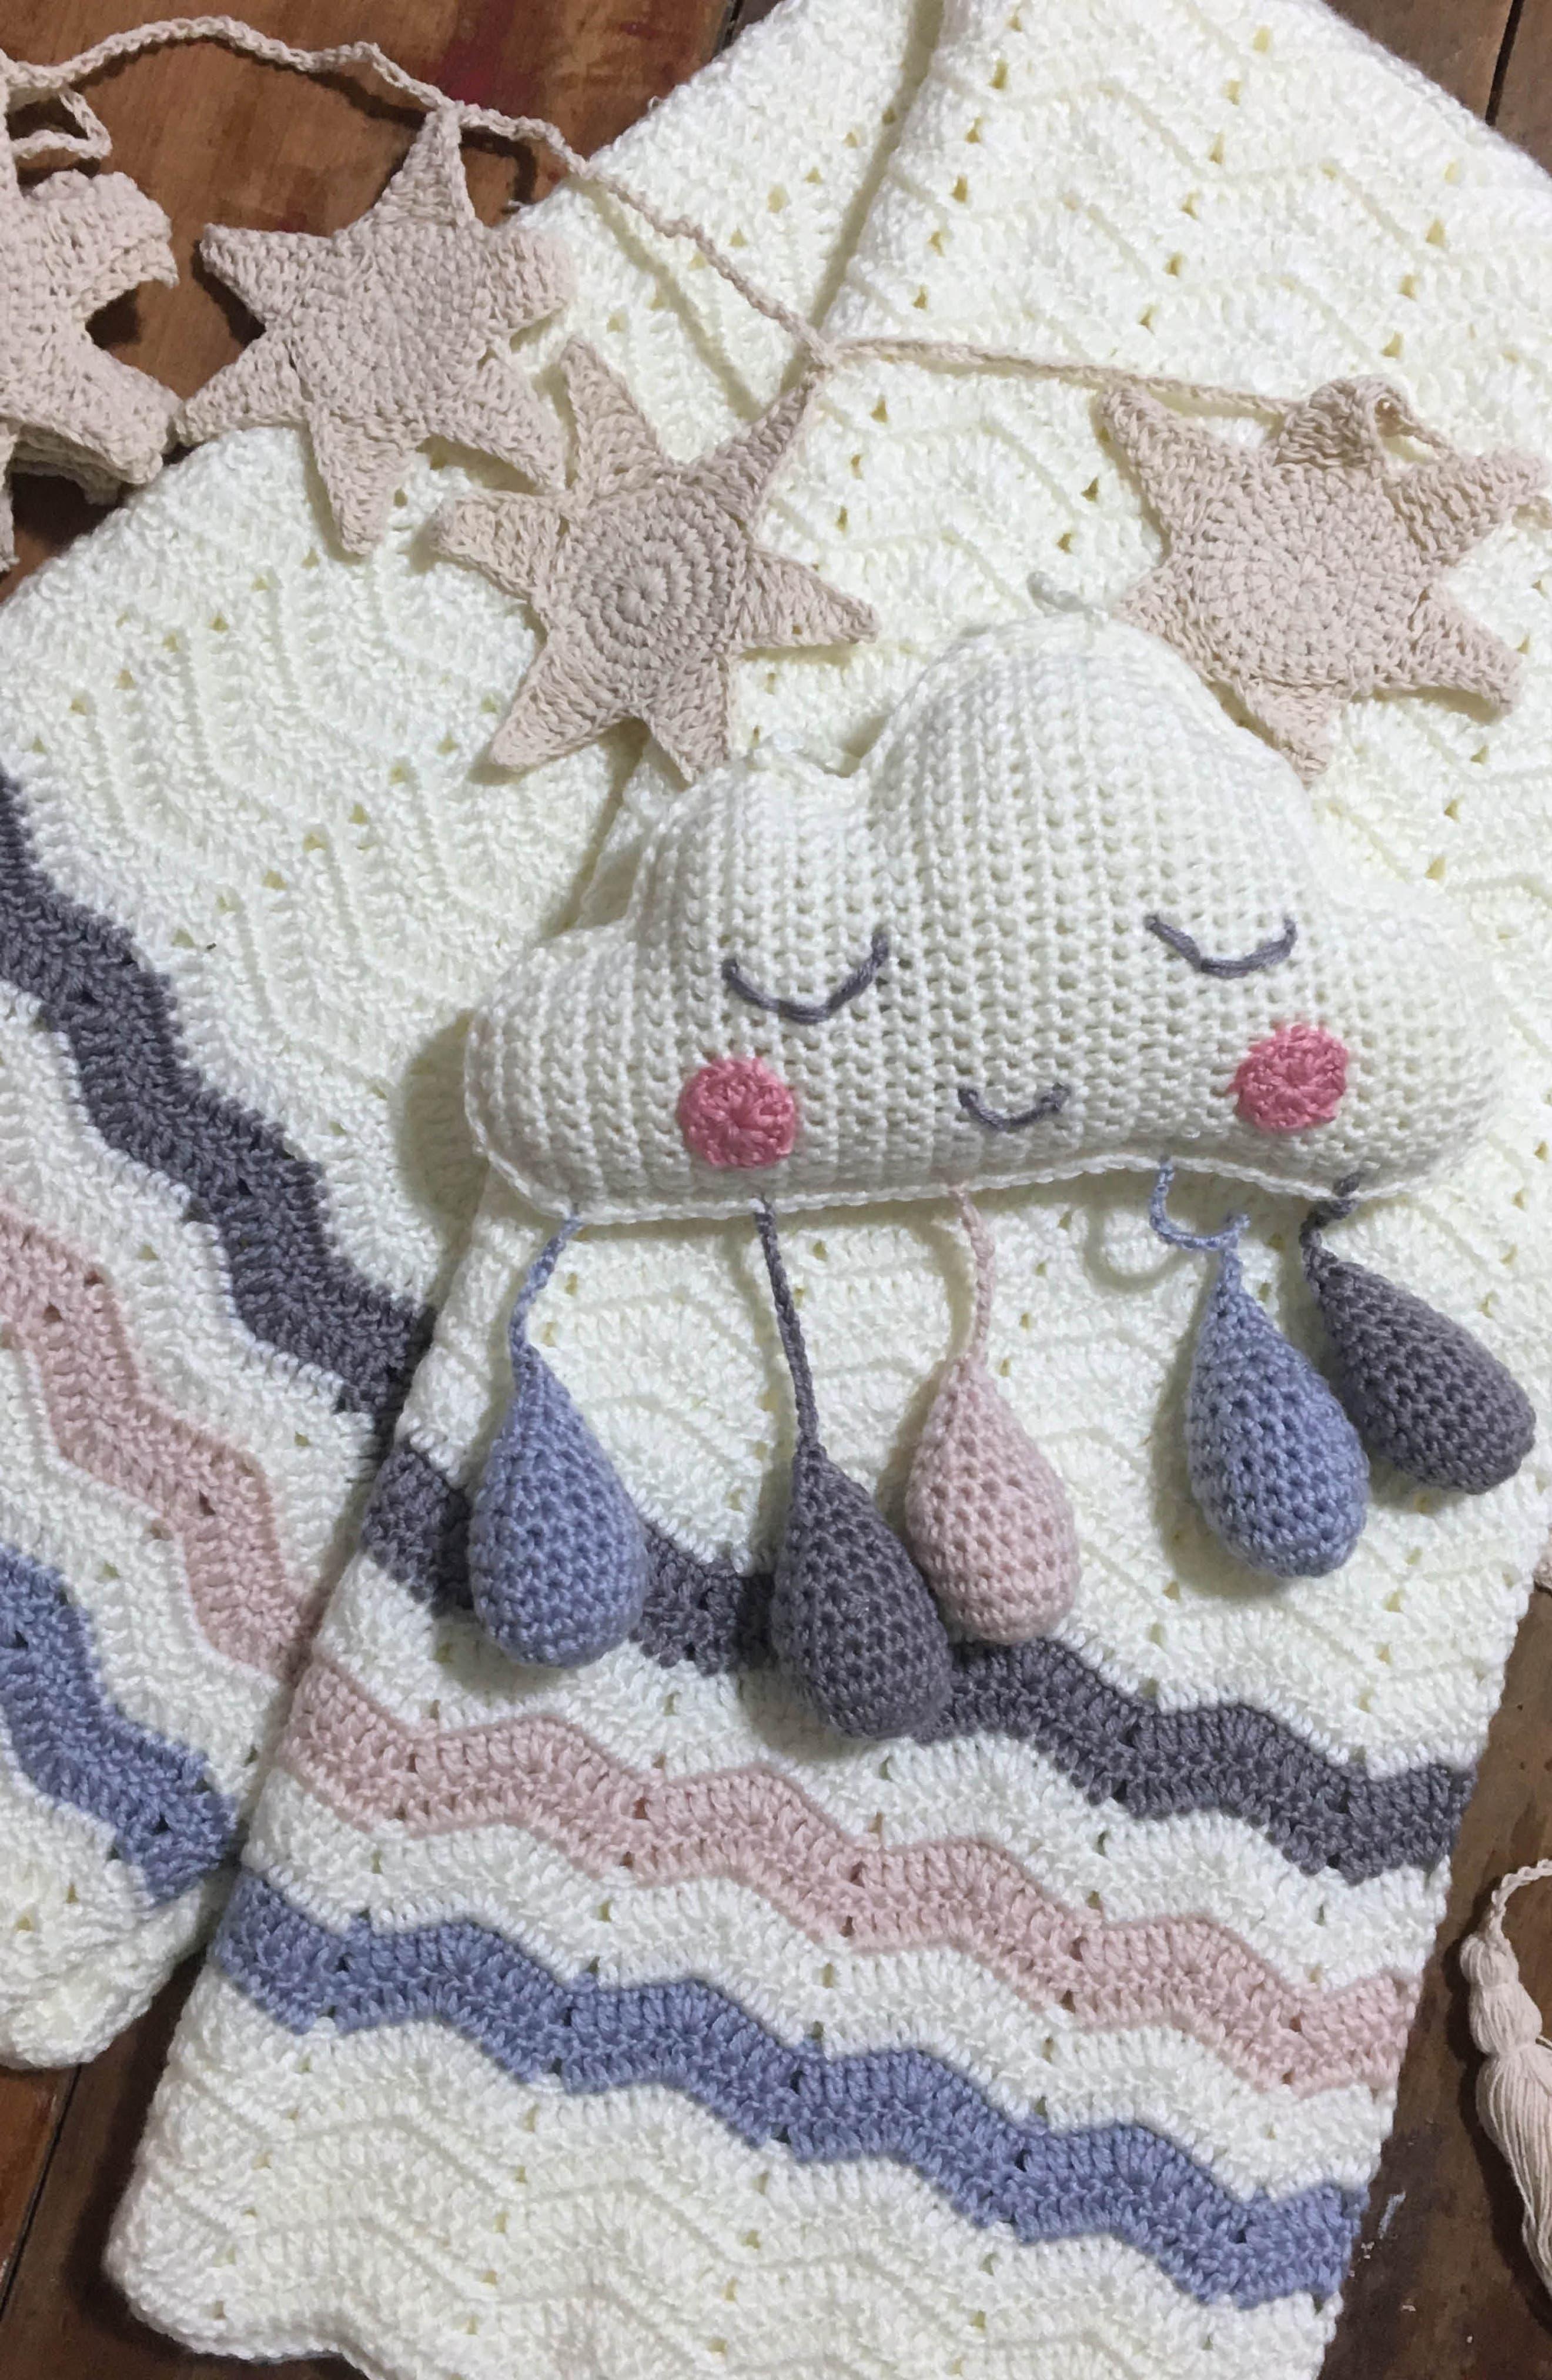 Ripple Crocheted Blanket,                             Alternate thumbnail 11, color,                             Blue